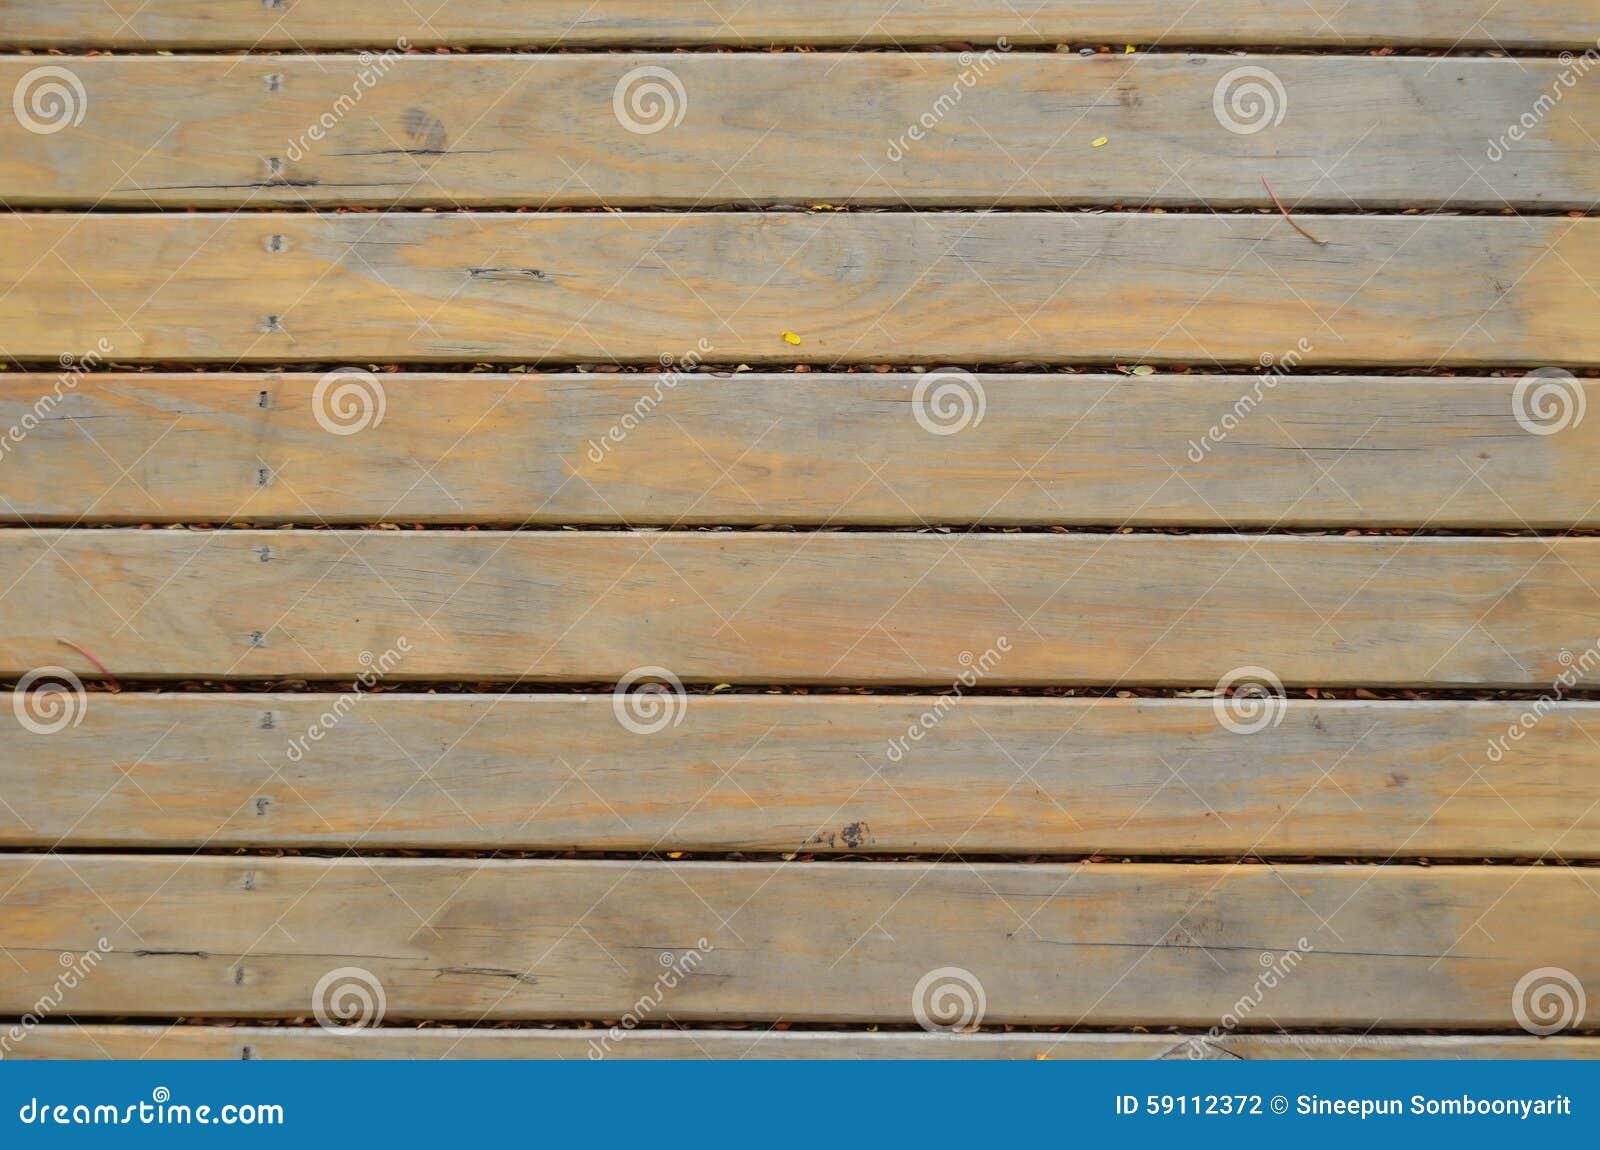 黄色木材板条地板